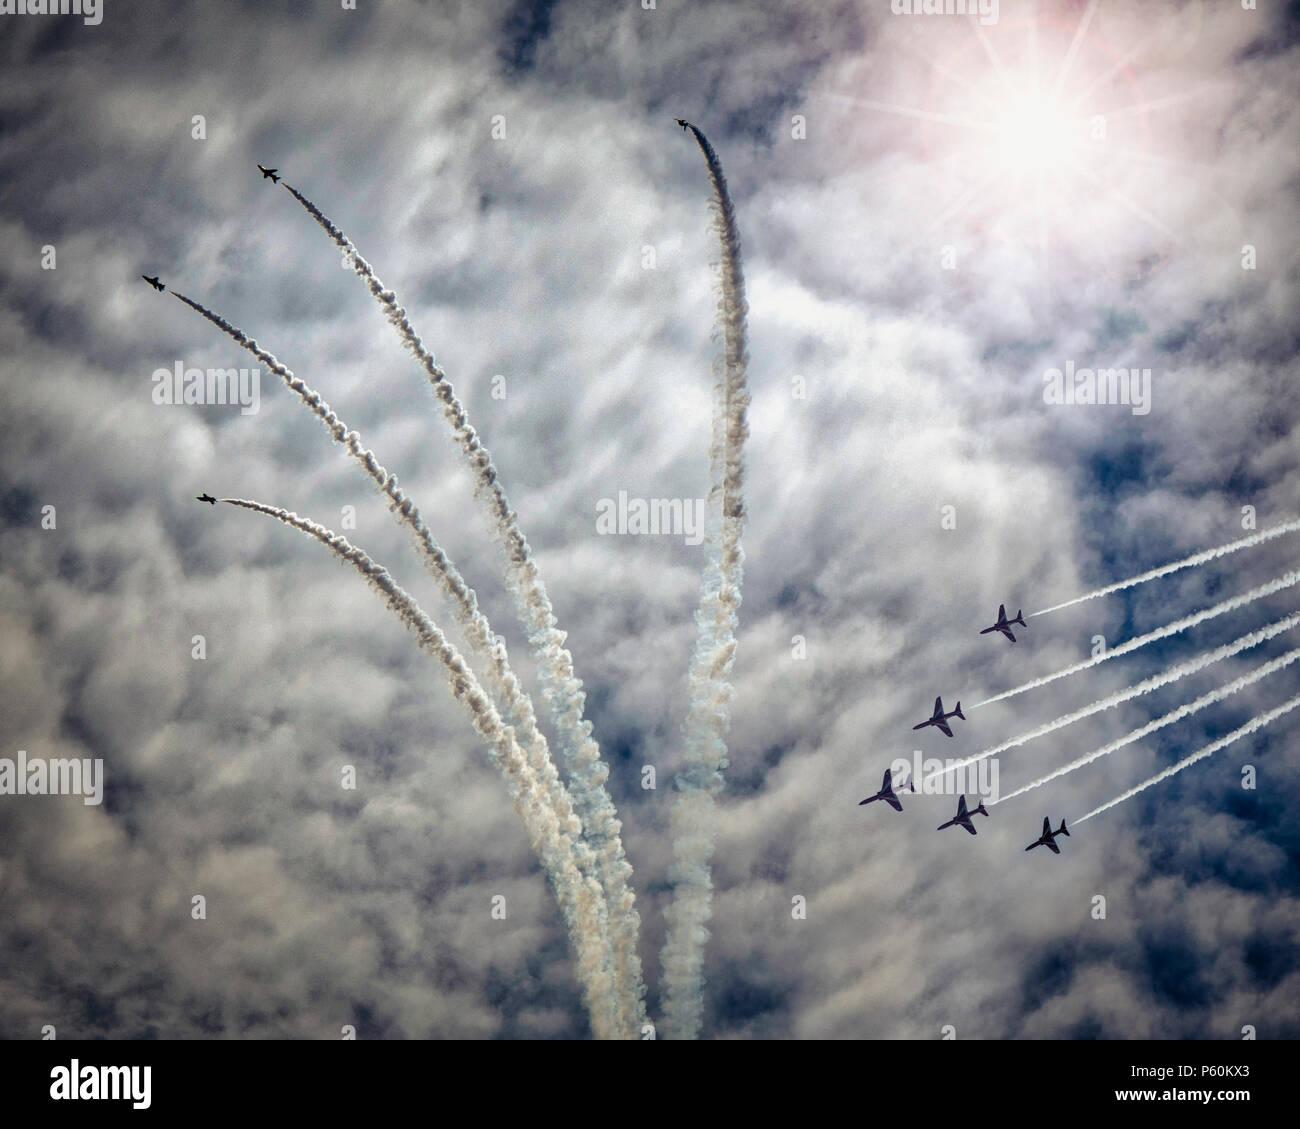 Grande-bretagne: l'équipe de voltige aérienne de la Royal Air Force Photo Stock